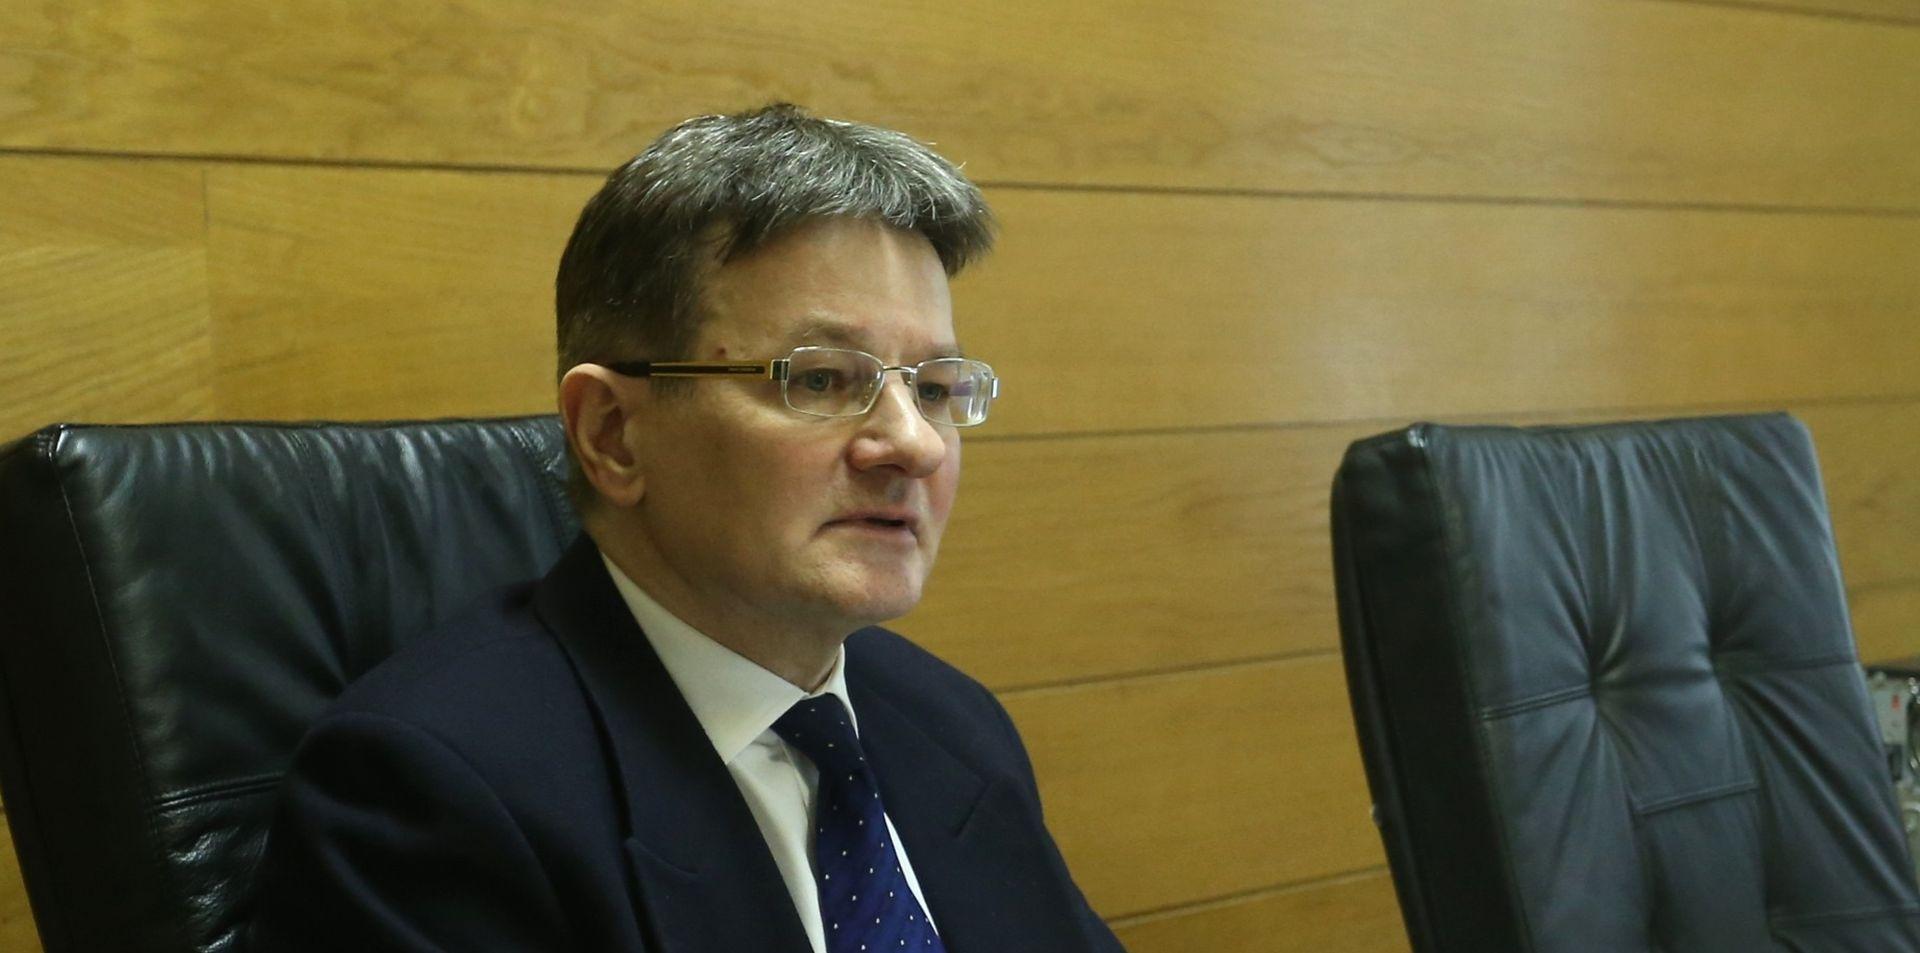 Sudac Dobronić: EK nije smjela dati upozorenje Hrvatskoj zbog zakona o konverziji